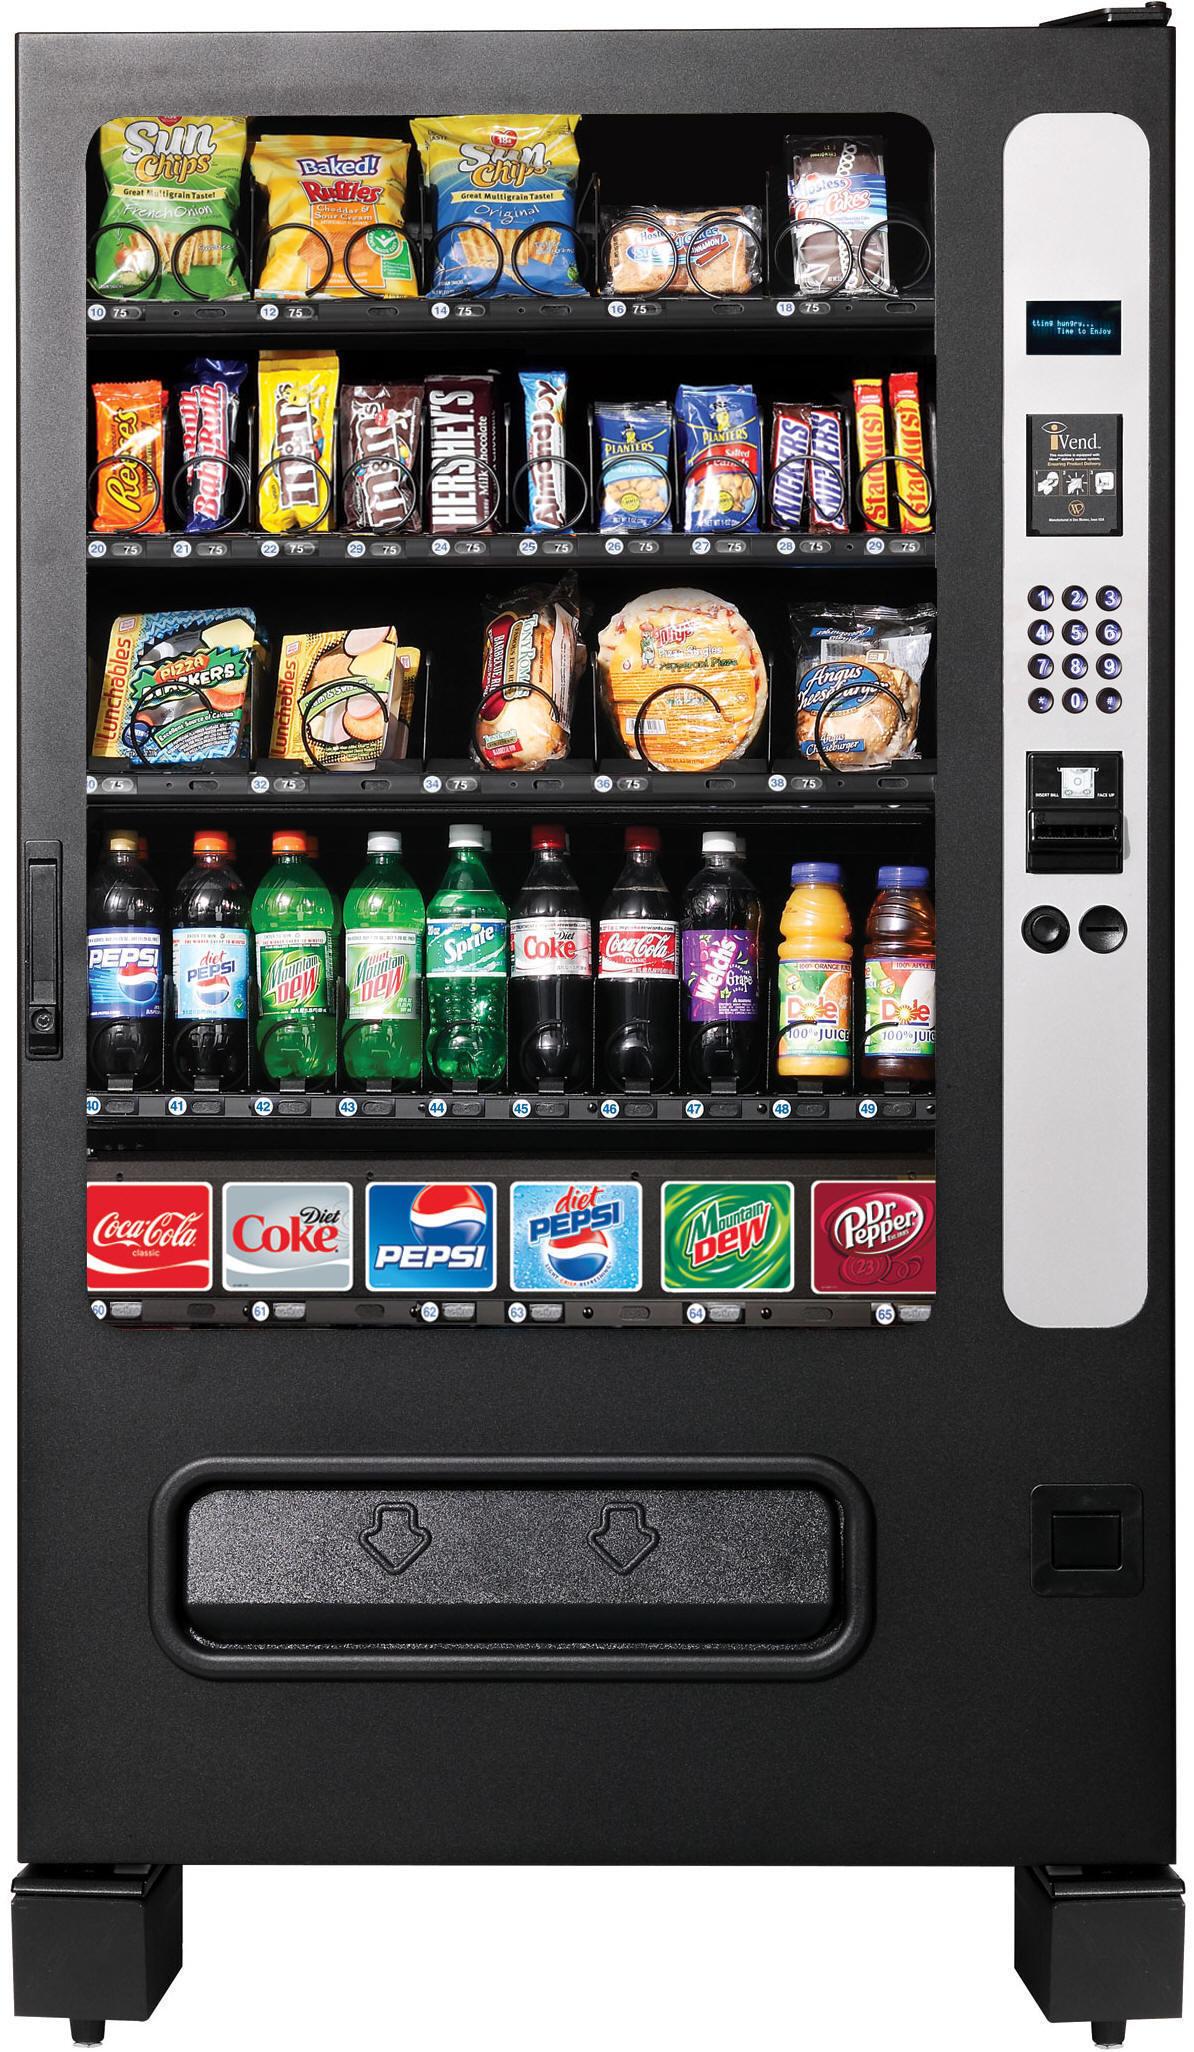 src: e-vending.com